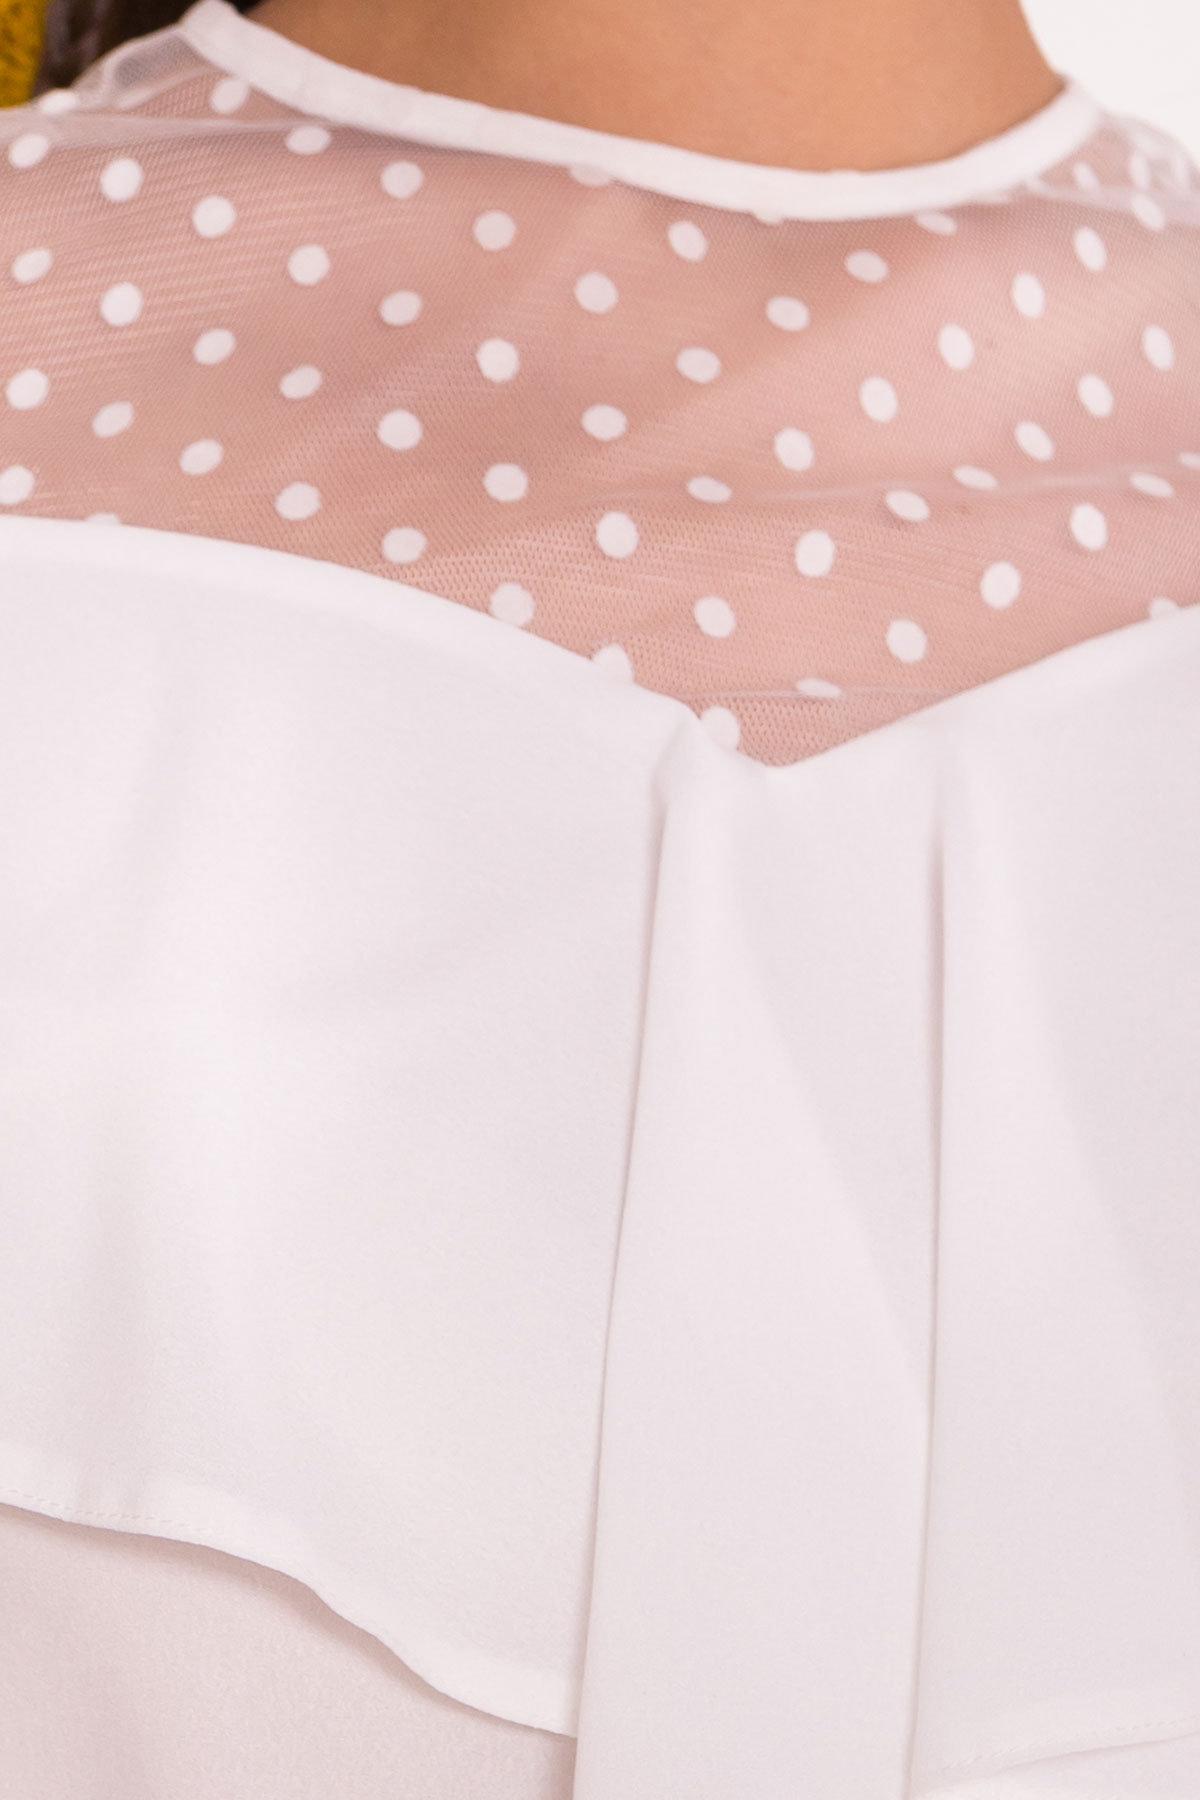 Блузка с оборками на груди Талина 7368 АРТ. 43573 Цвет: Белый - фото 4, интернет магазин tm-modus.ru